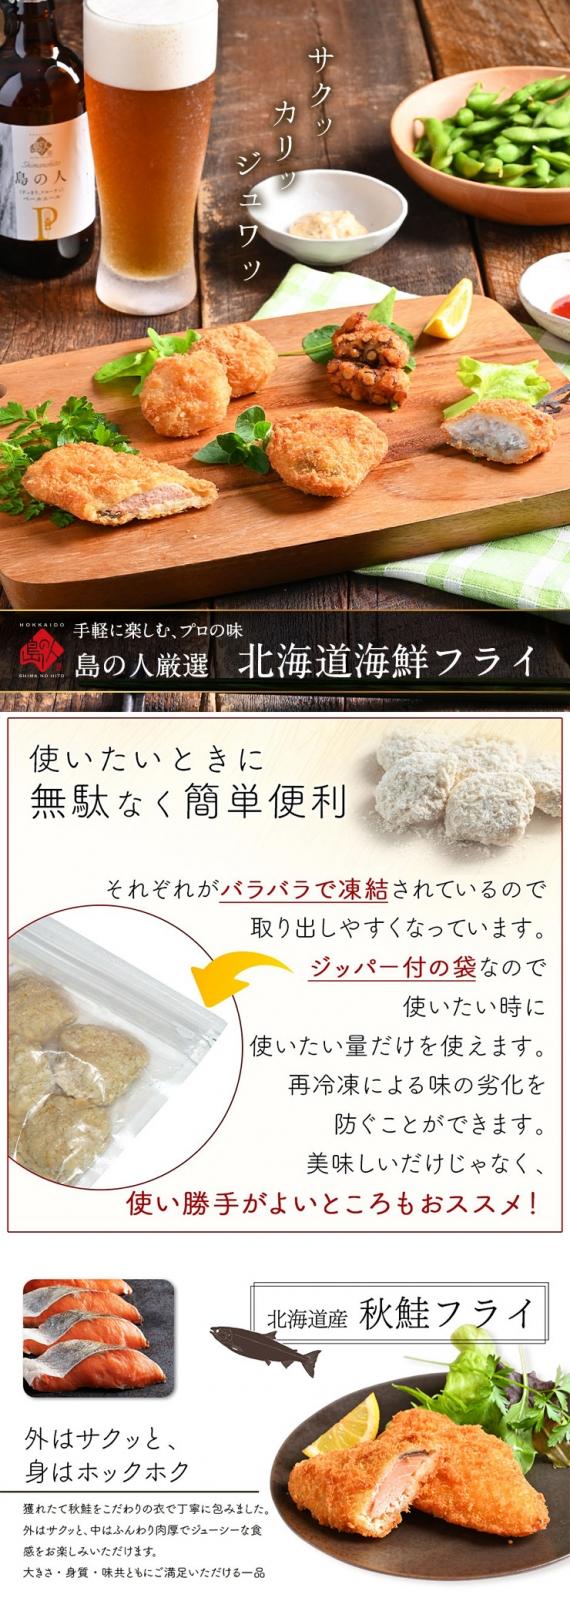 北海道産 サクッと秋鮭フライ 350g 当店オリジナルの特注品  秋鮭 鮭 さけ サケ 揚げ物 冷凍食品 惣菜 ご飯のお供 ご飯のおとも【送料無料】